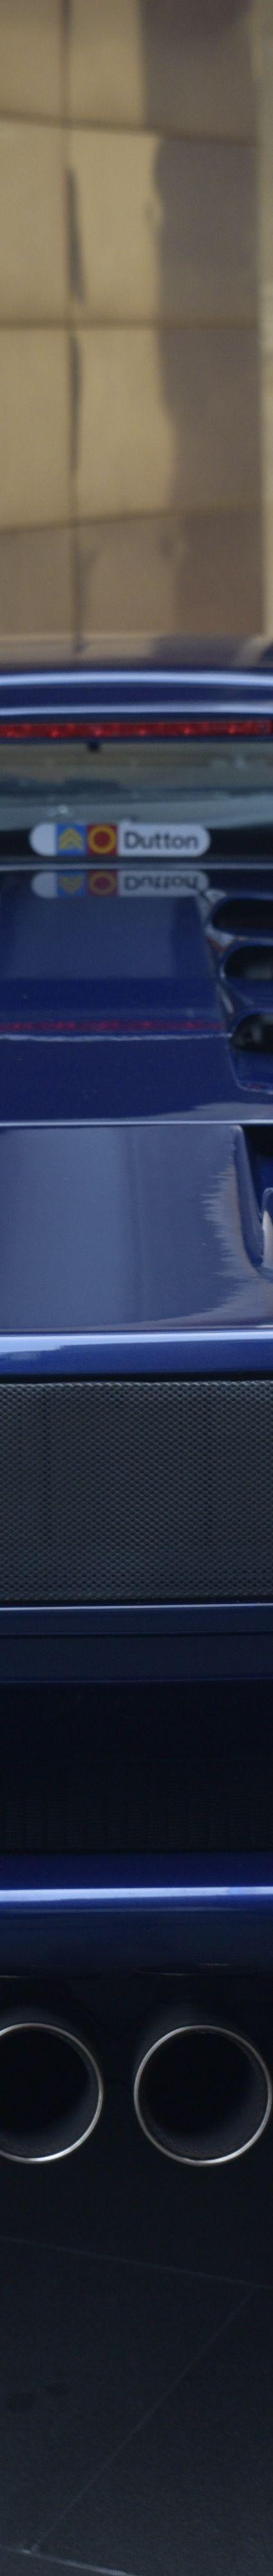 2000 lamborghini diablo vt 6.0 for sale in australia dutton garage richmond melbourne victoria - australia's leading classic and modern car dealership